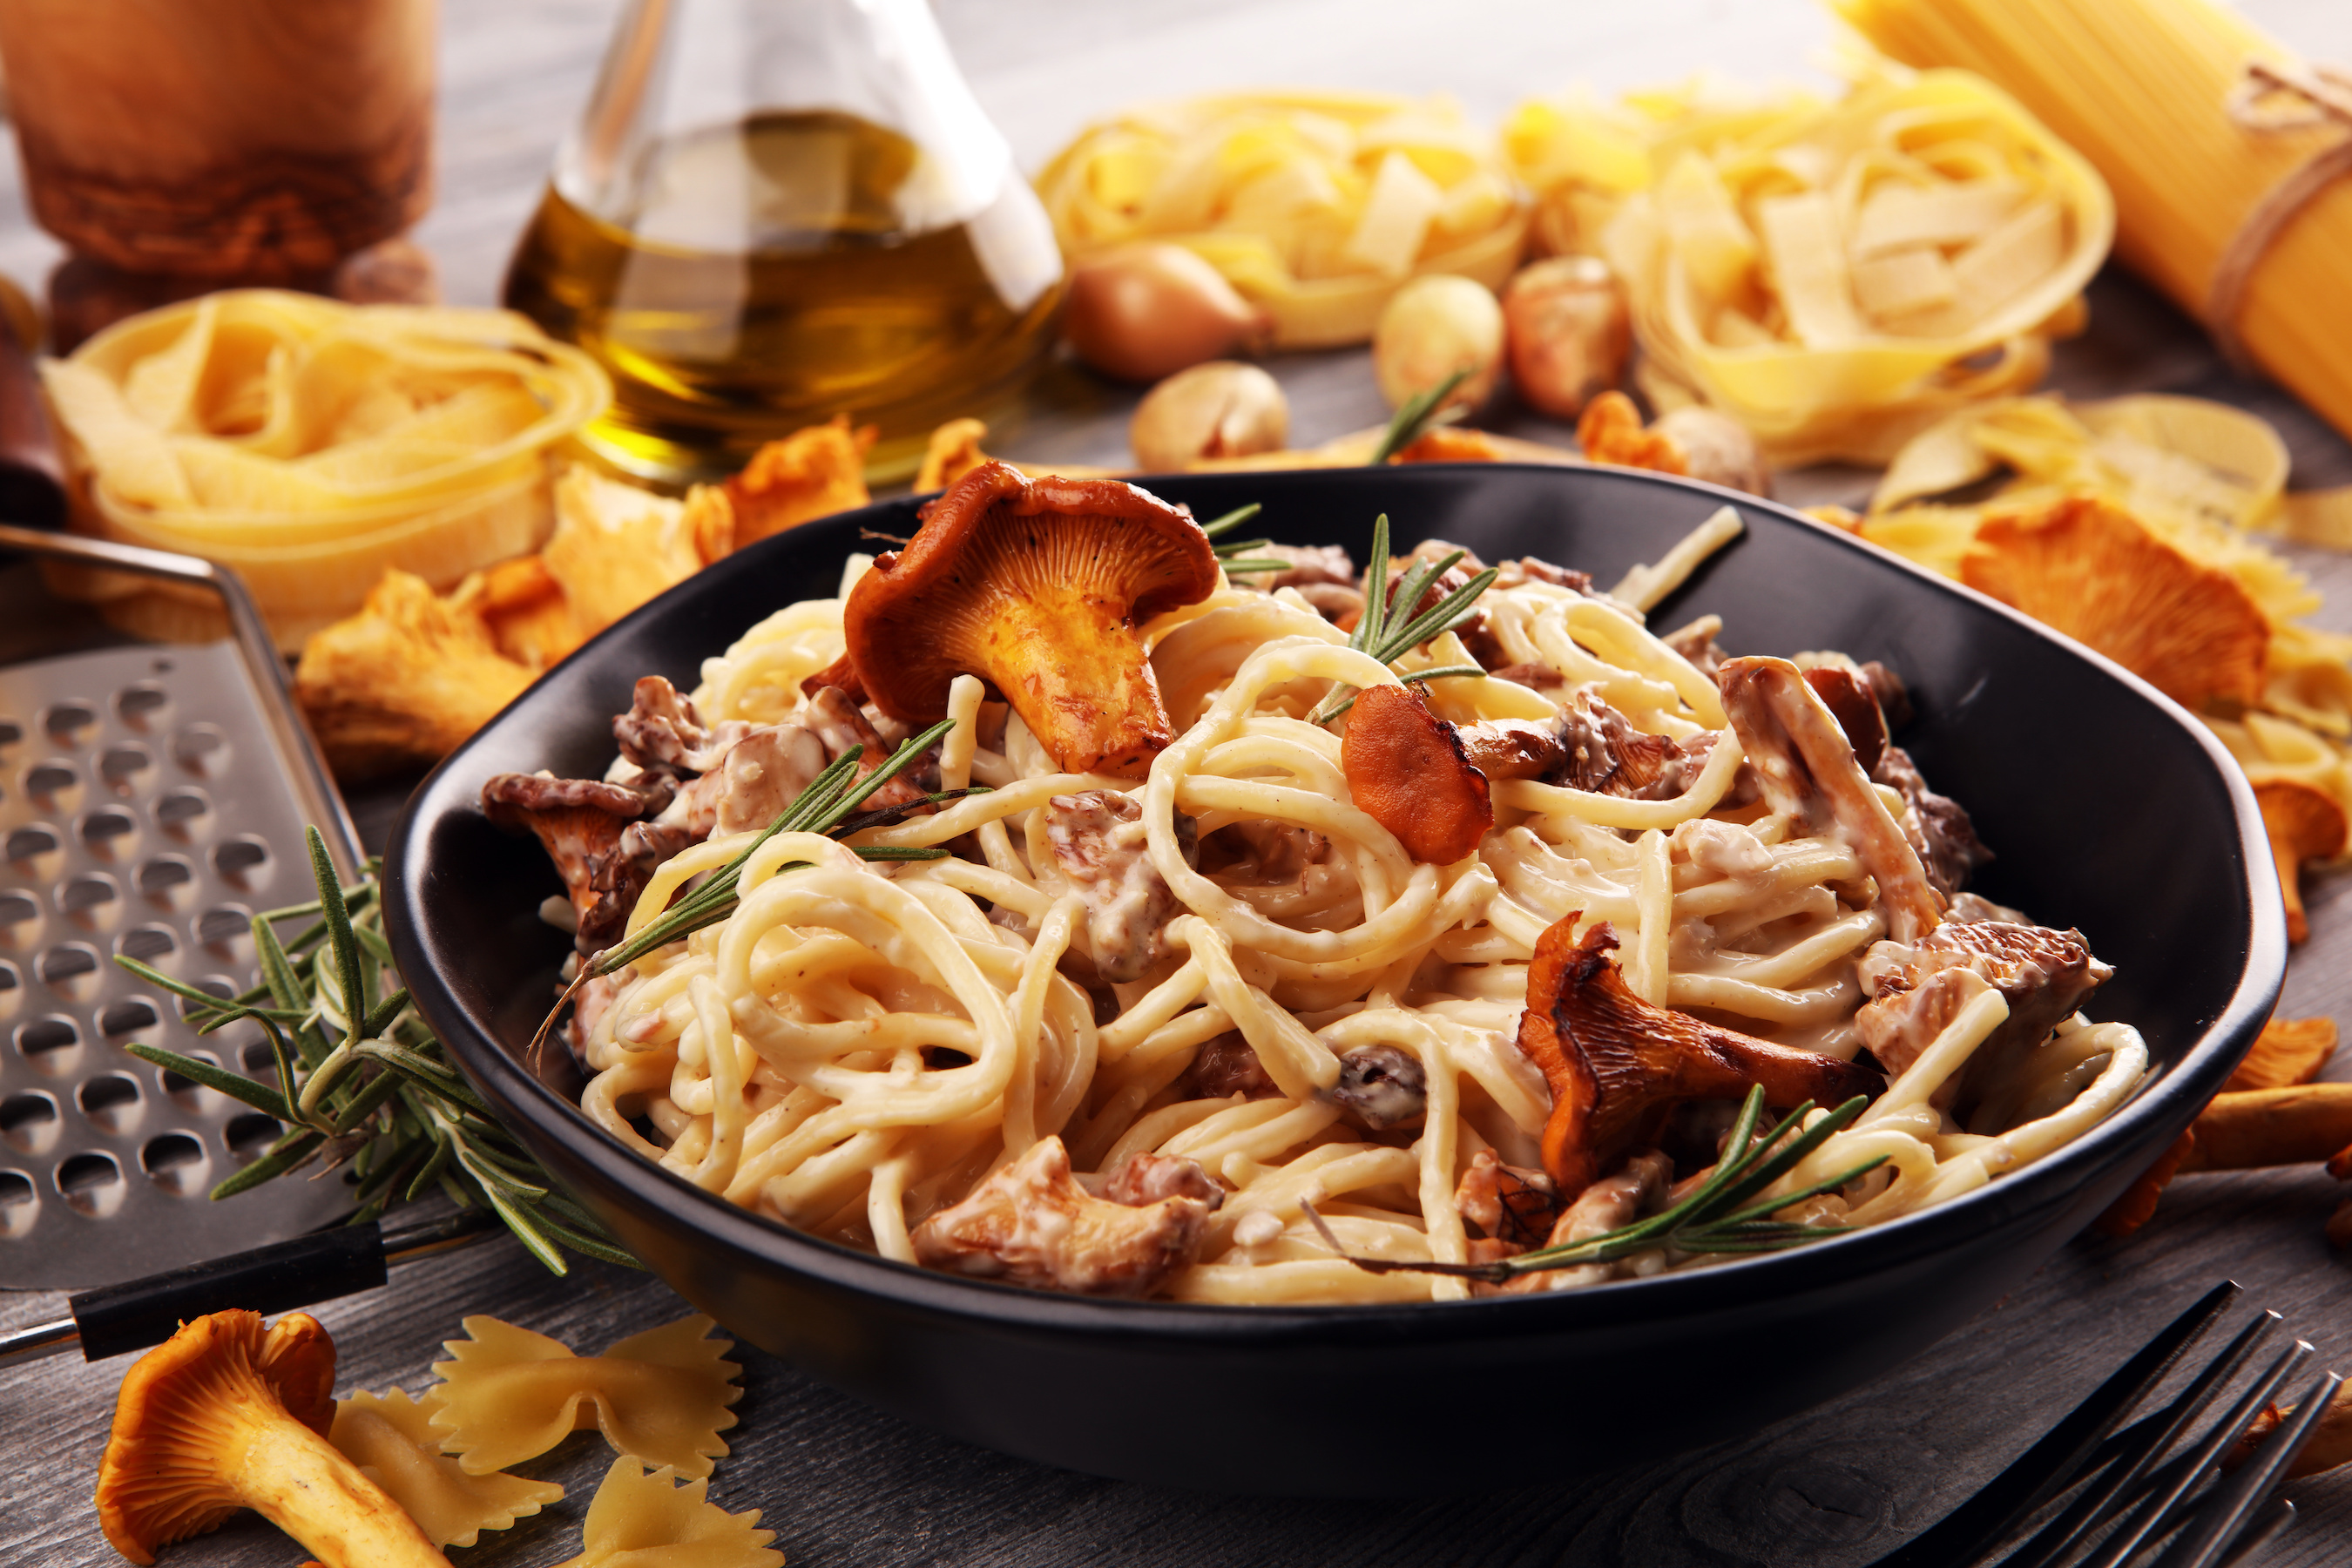 Mushroom and Marmite Spaghetti